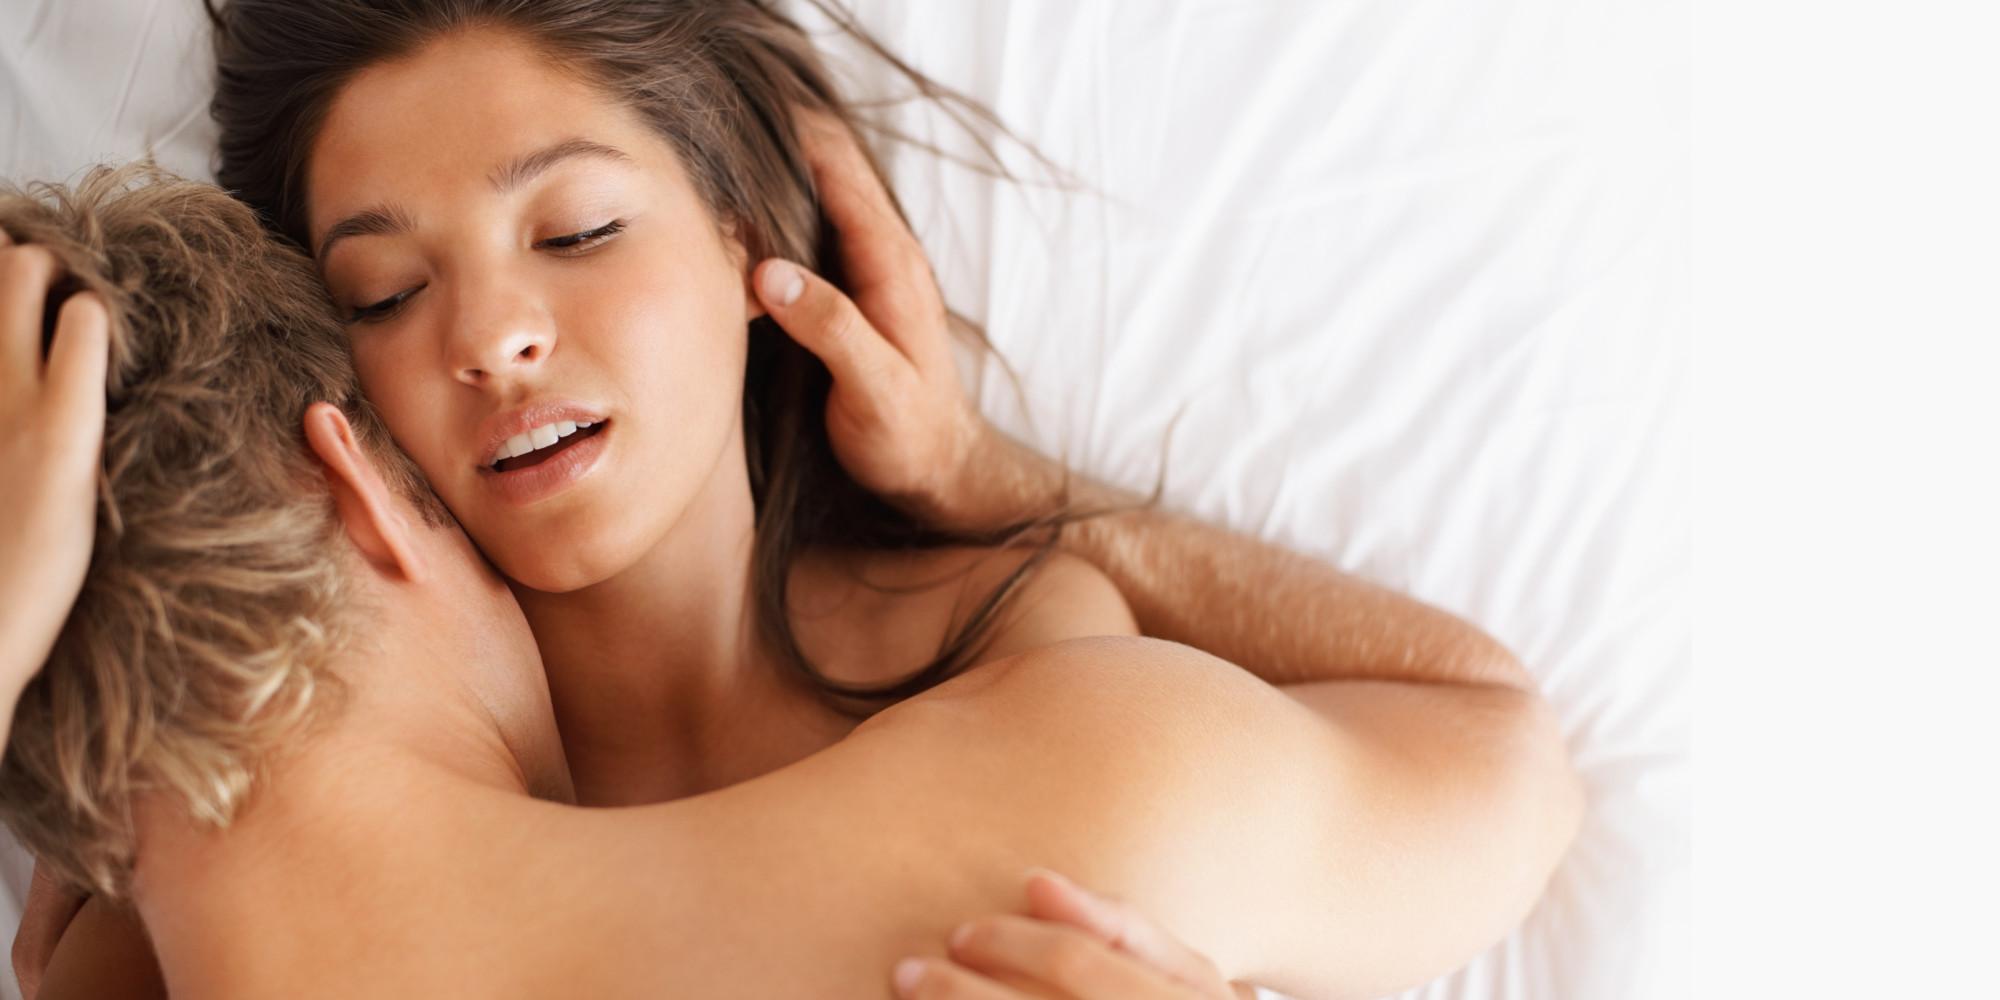 Еве кога една жена е целосно задоволна од сексот